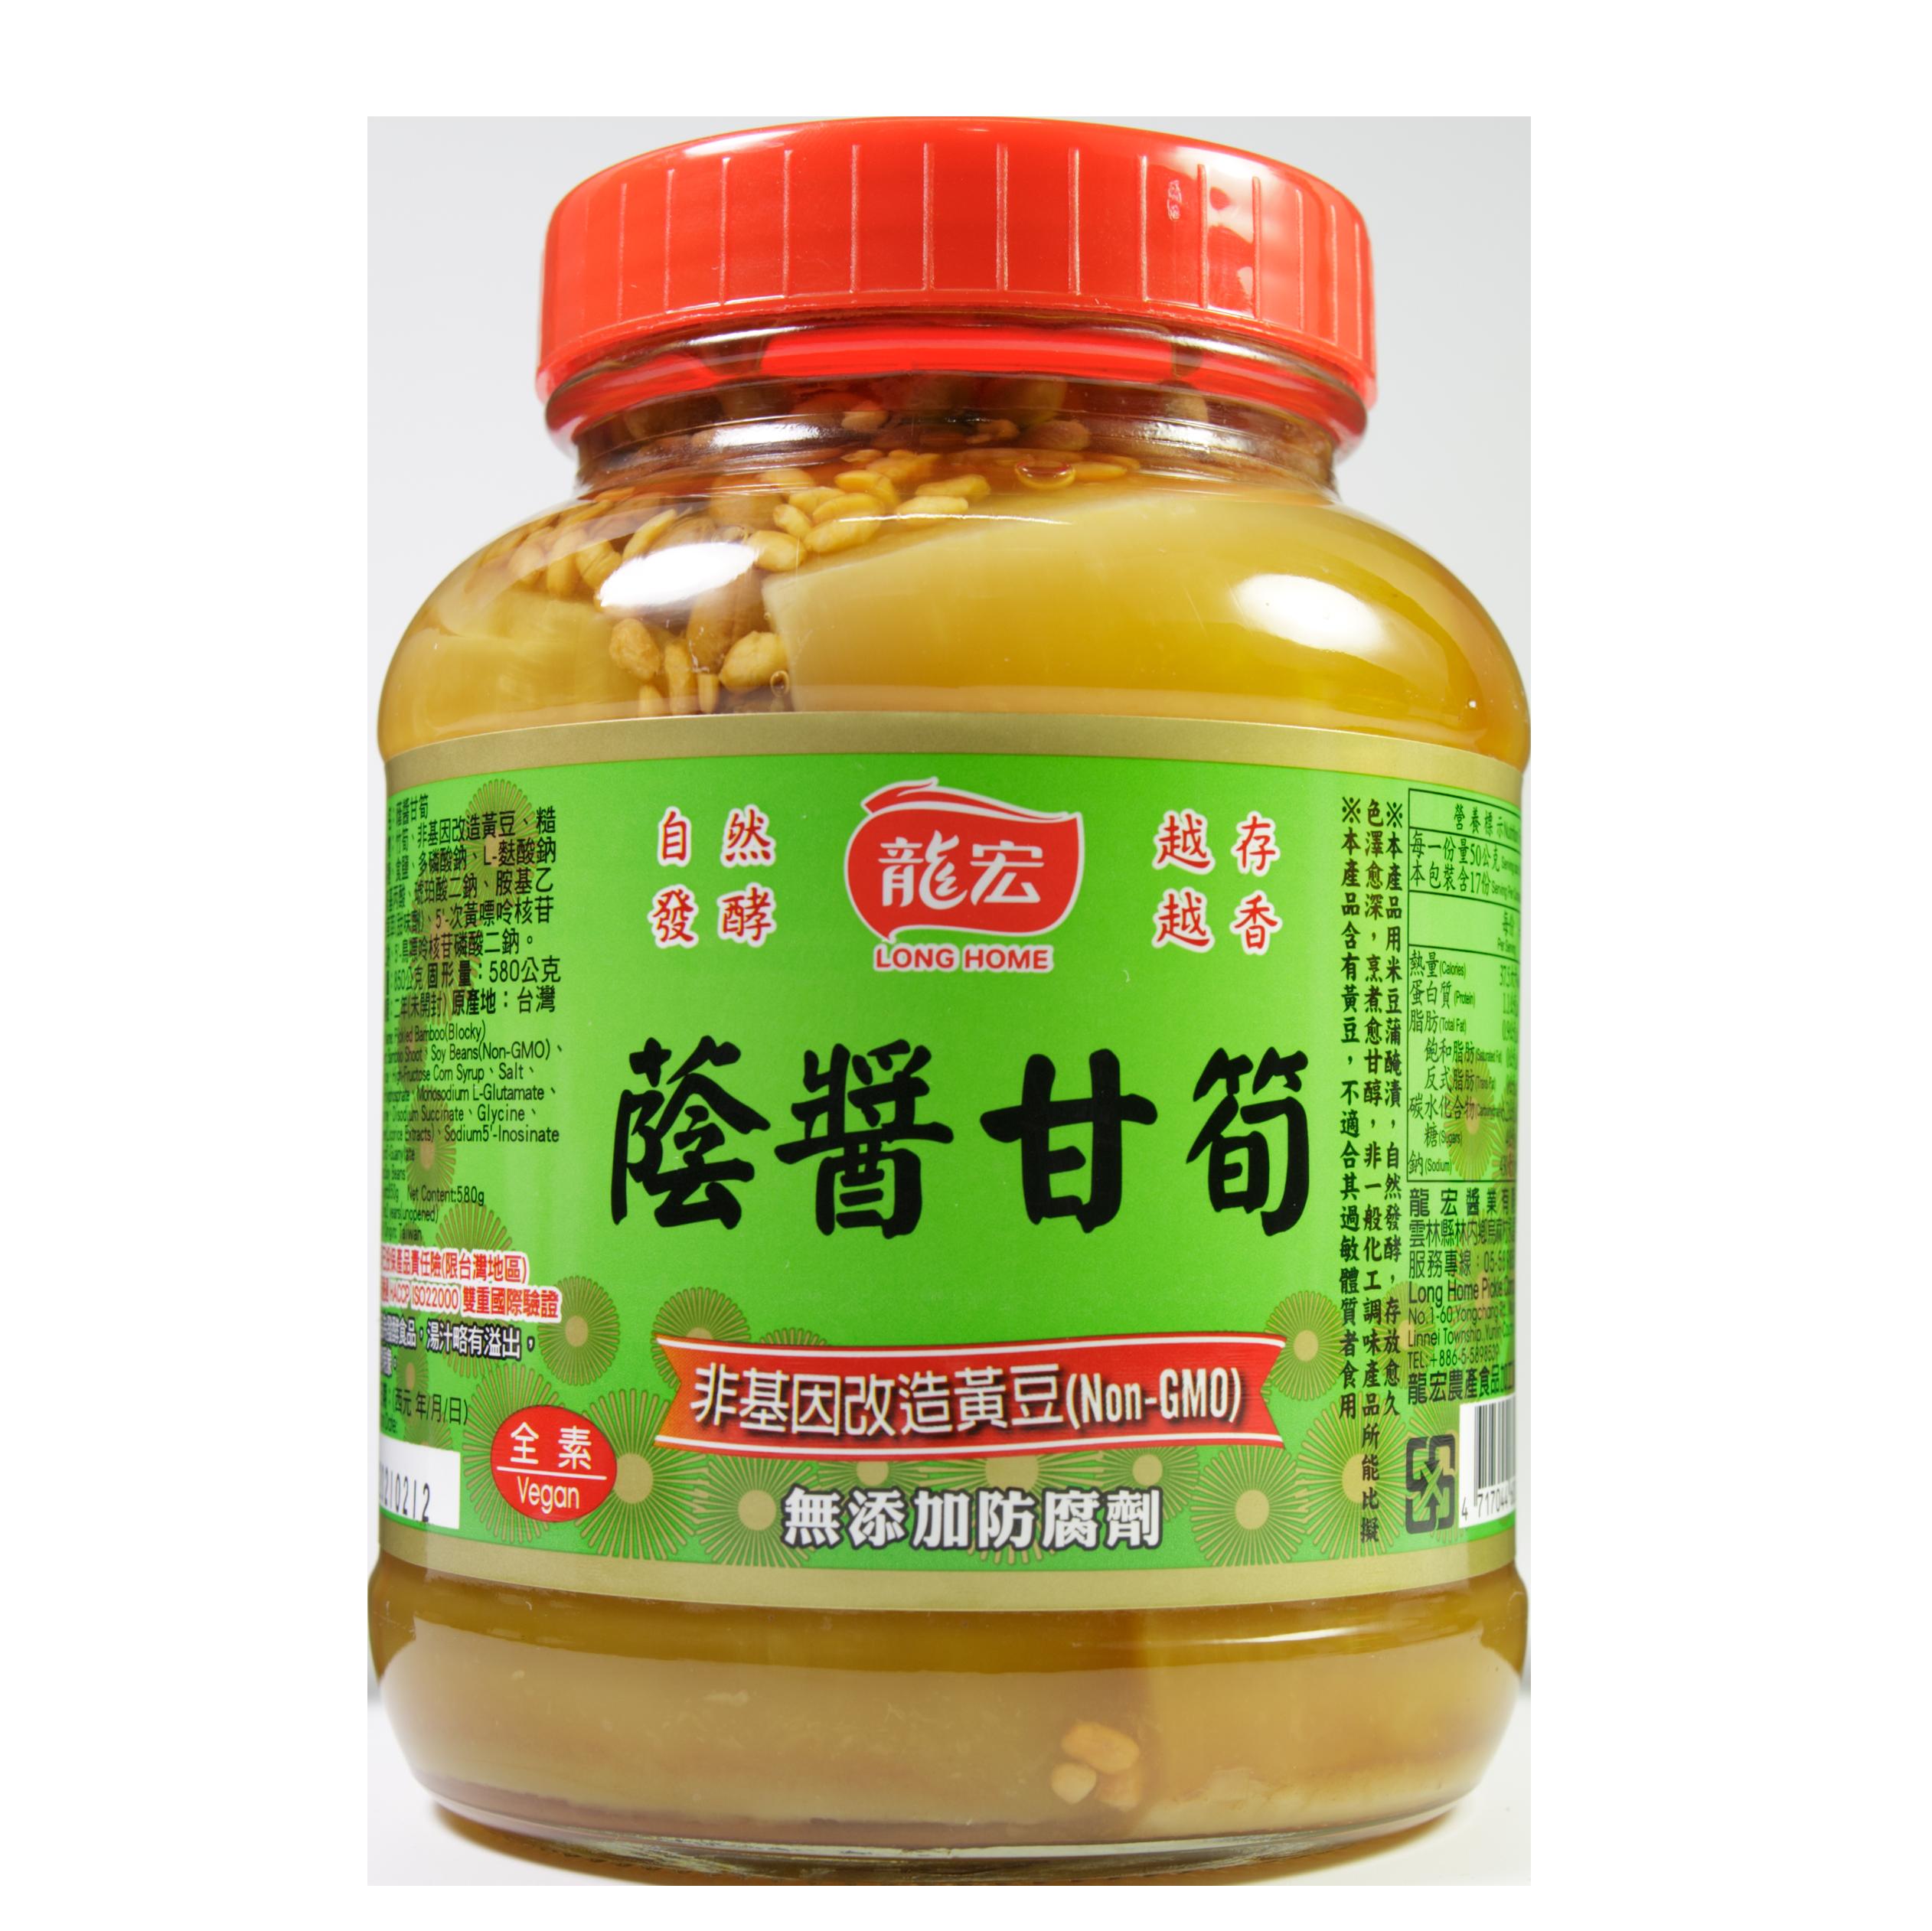 蔭醬甘筍 850g [古法正蔭]